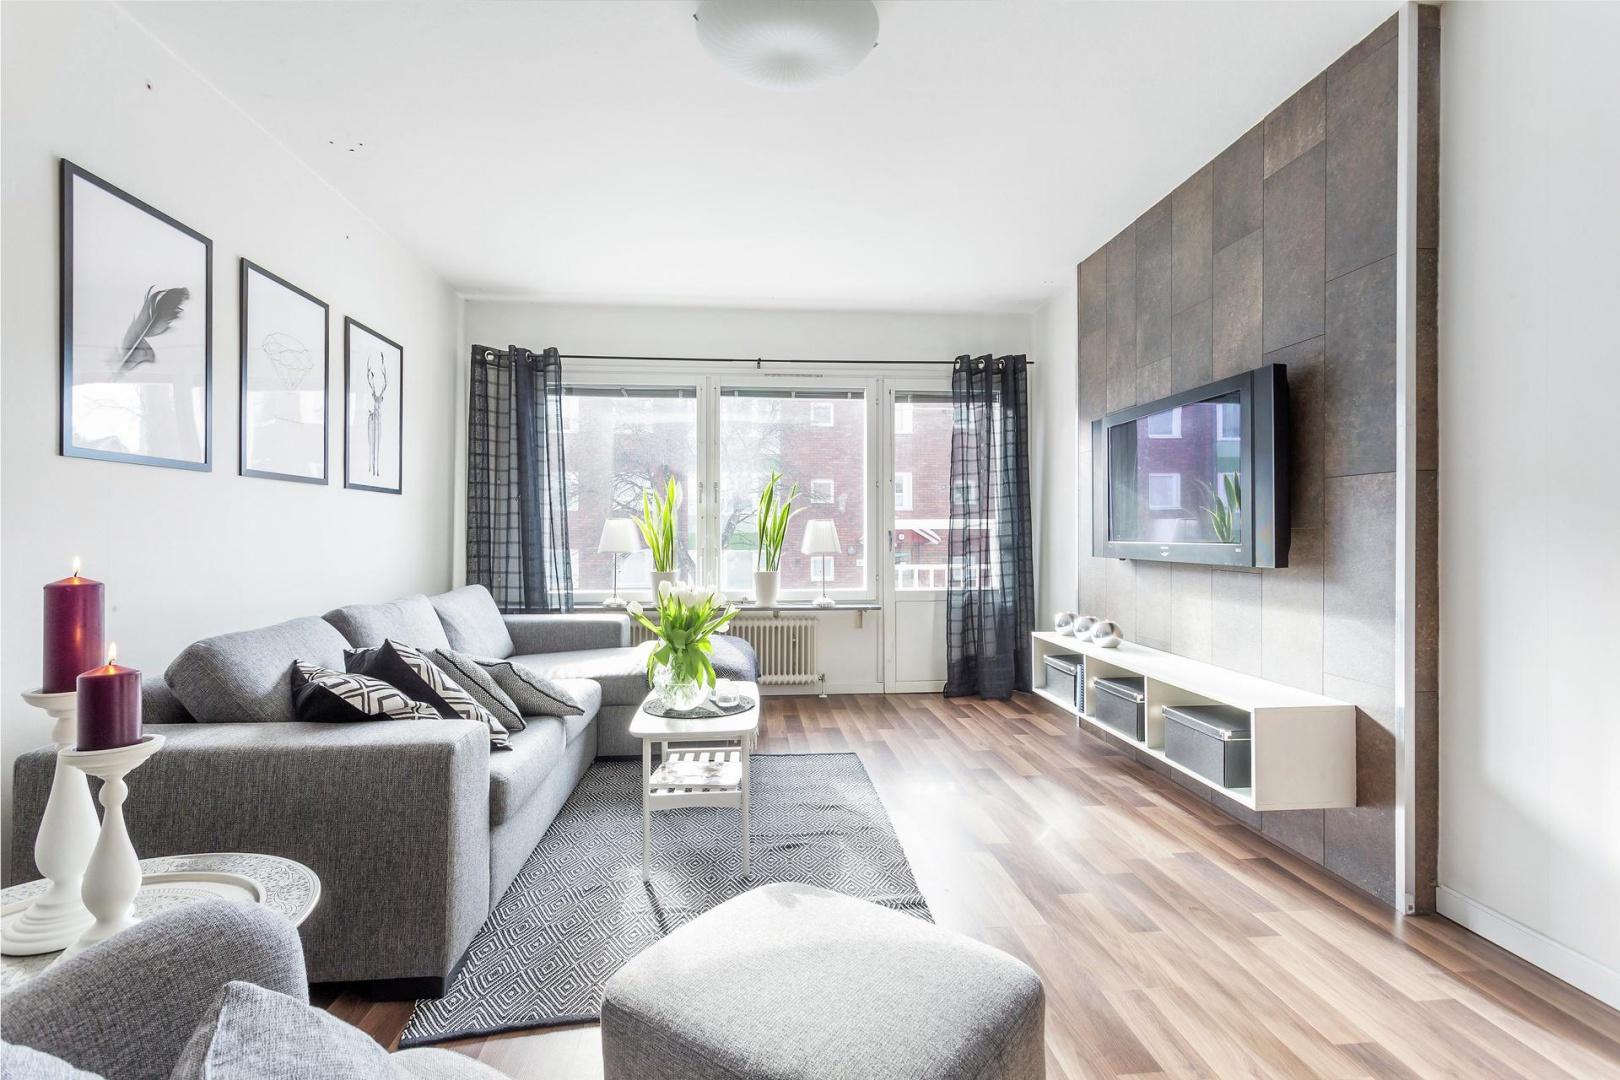 Szary salon ujmuje spokojem aranżacji. Stonowane barwy zachęcają do wypoczynku na miękkiej kanapie lub przytulnym fotelu z podnóżkiem. Fot. Svenksfast.se.